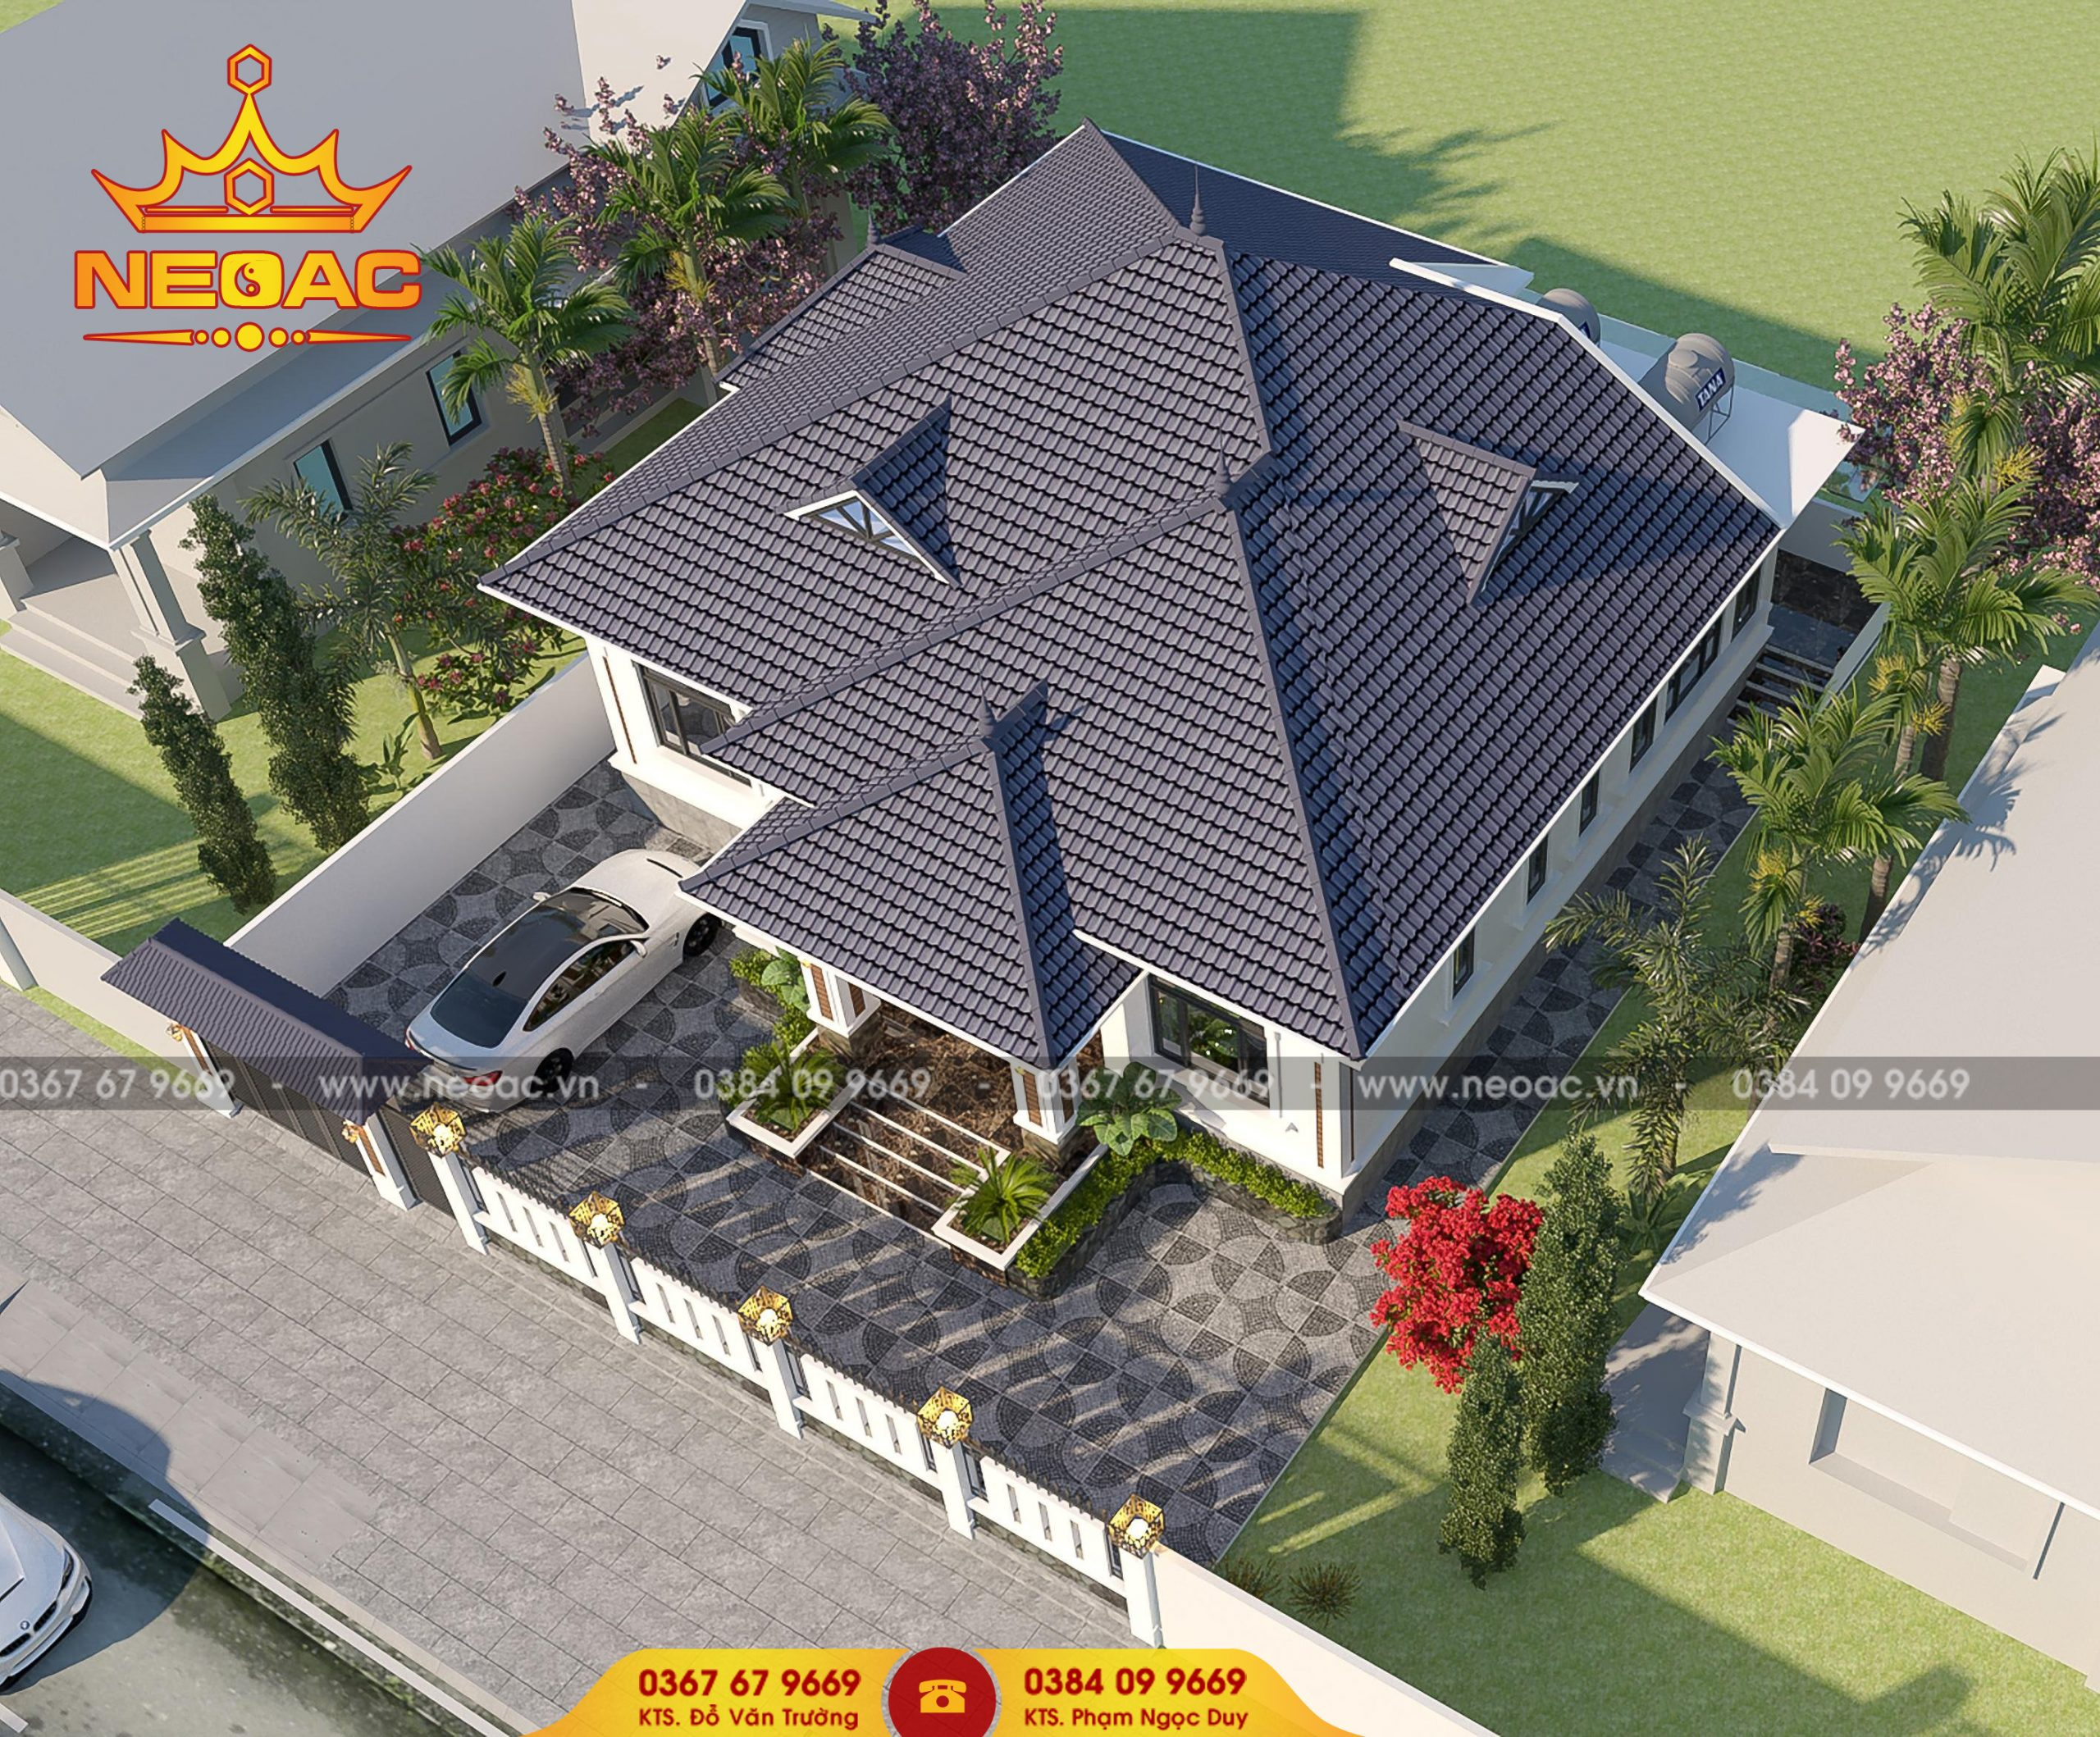 Mẫu thiết kế nhà phố 1 tầng 8x15m tại Vĩnh Phúc đẹp nao lòng